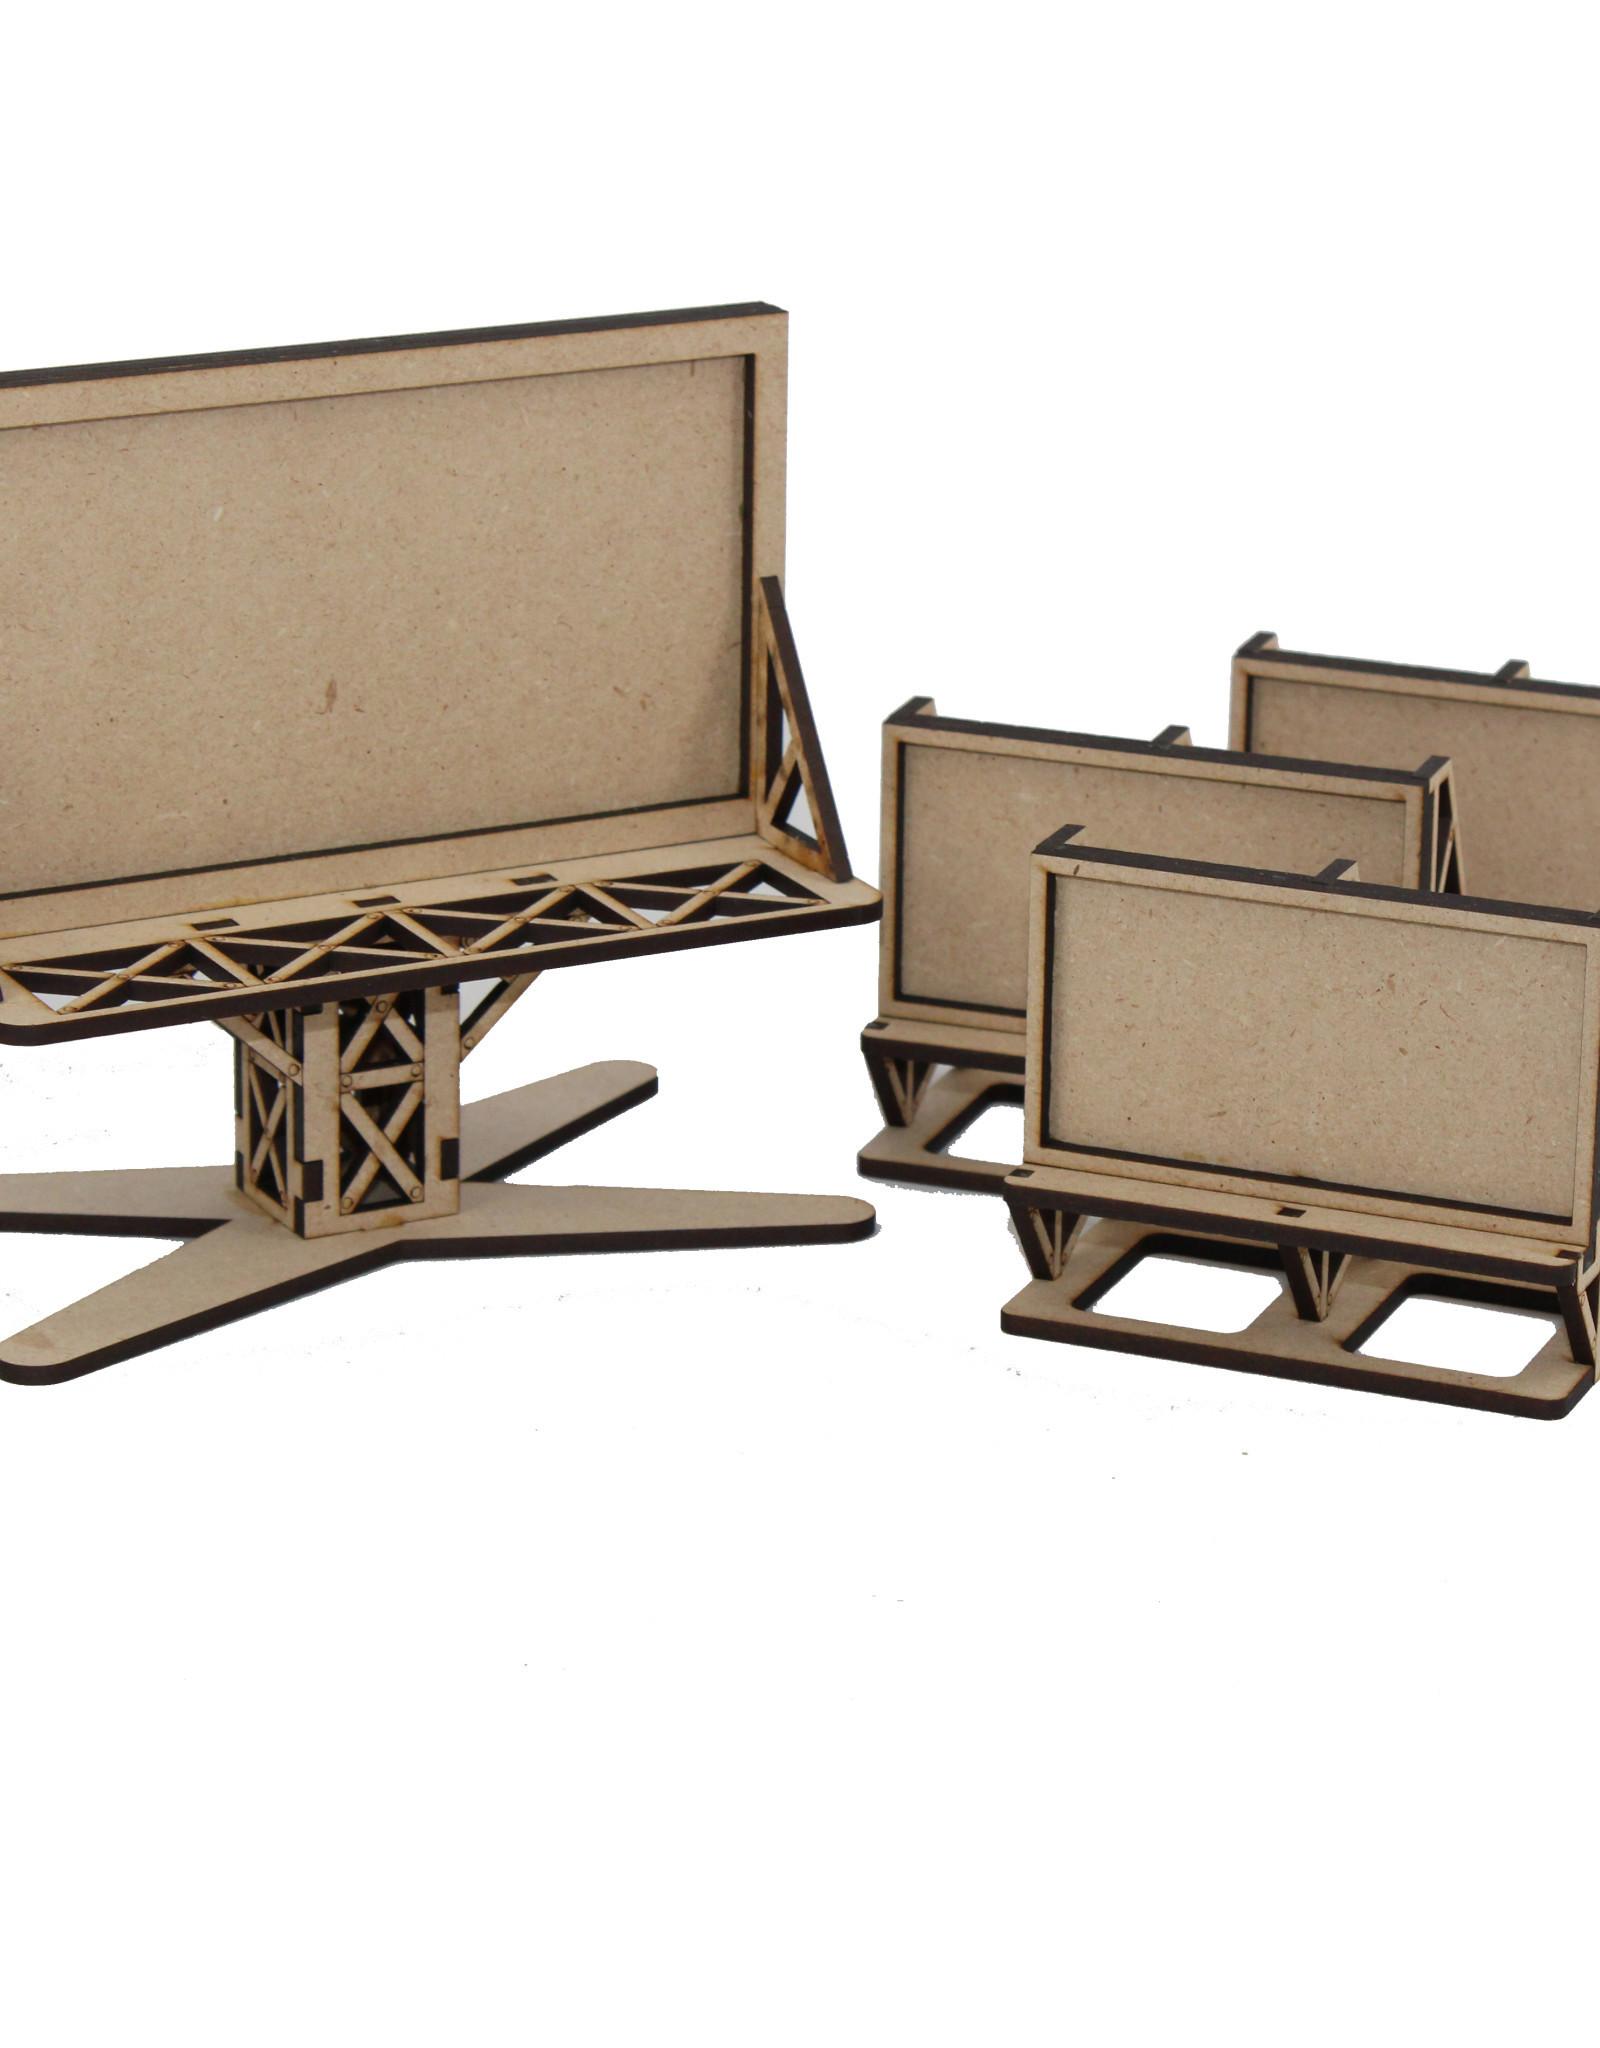 Laser Craft Workshop Gaslands Steel Gridwork Billboard Set